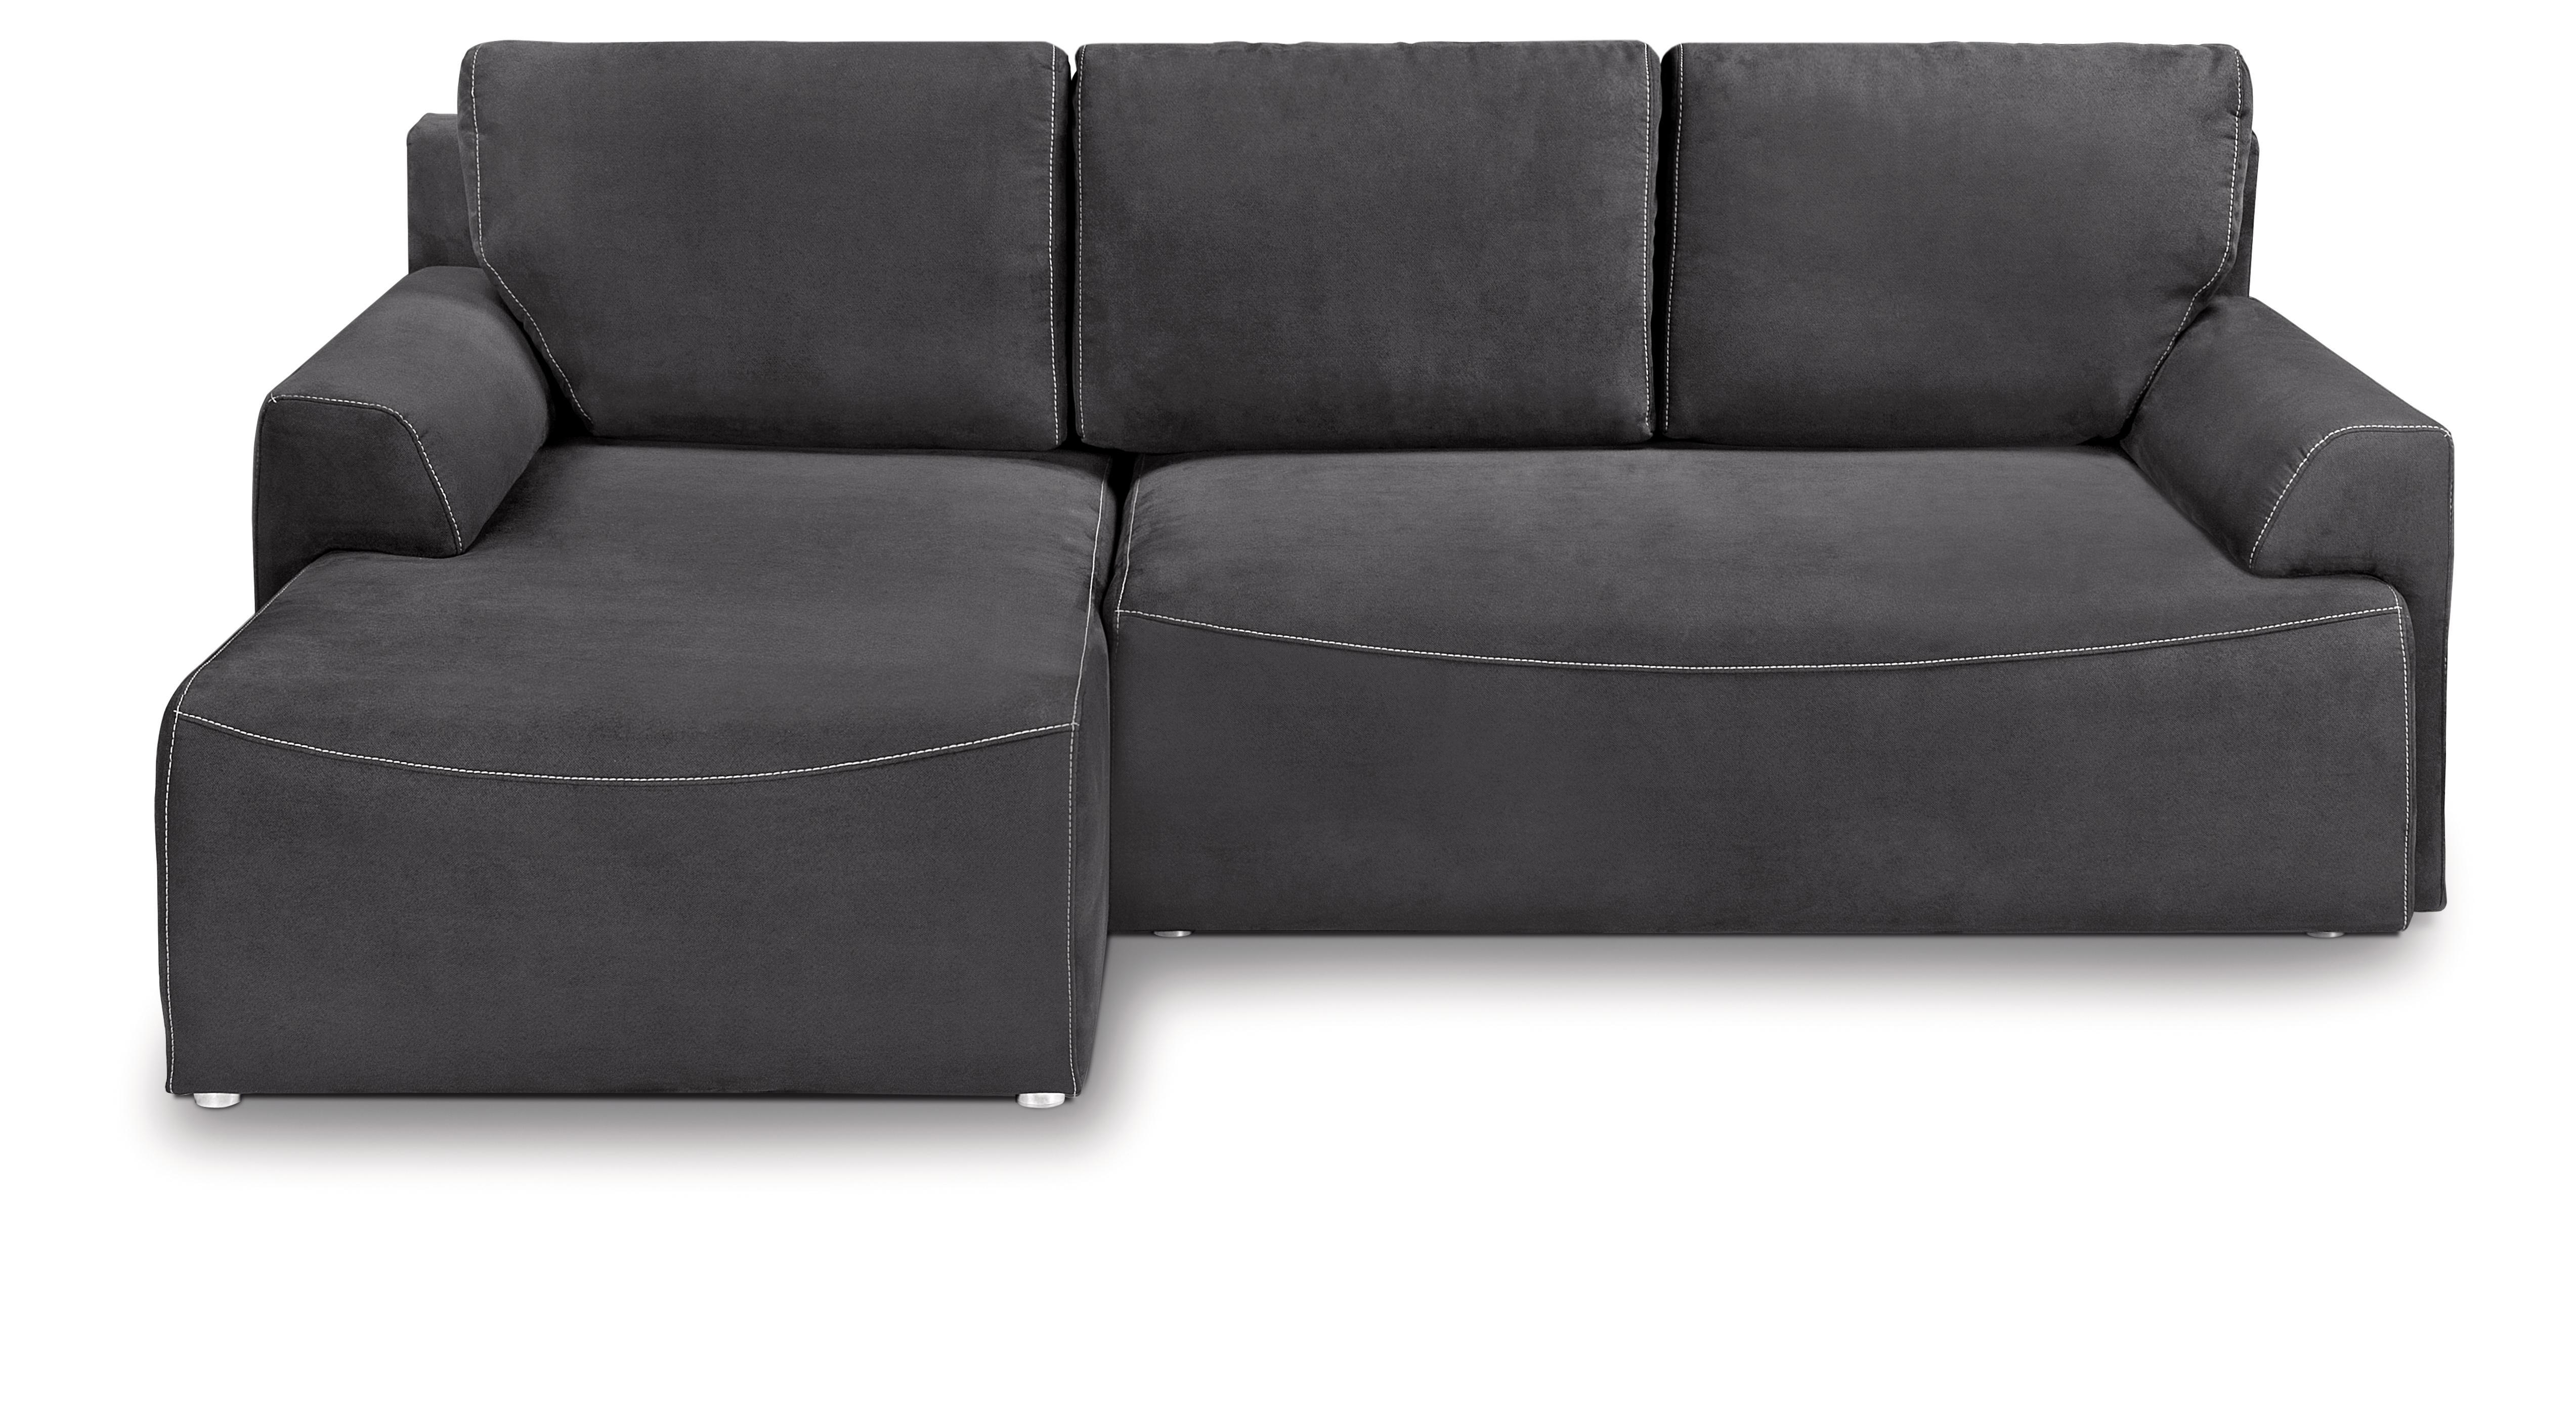 Rohová sedací souprava - BRW - City Lux 3DL URC (šedá) (L)